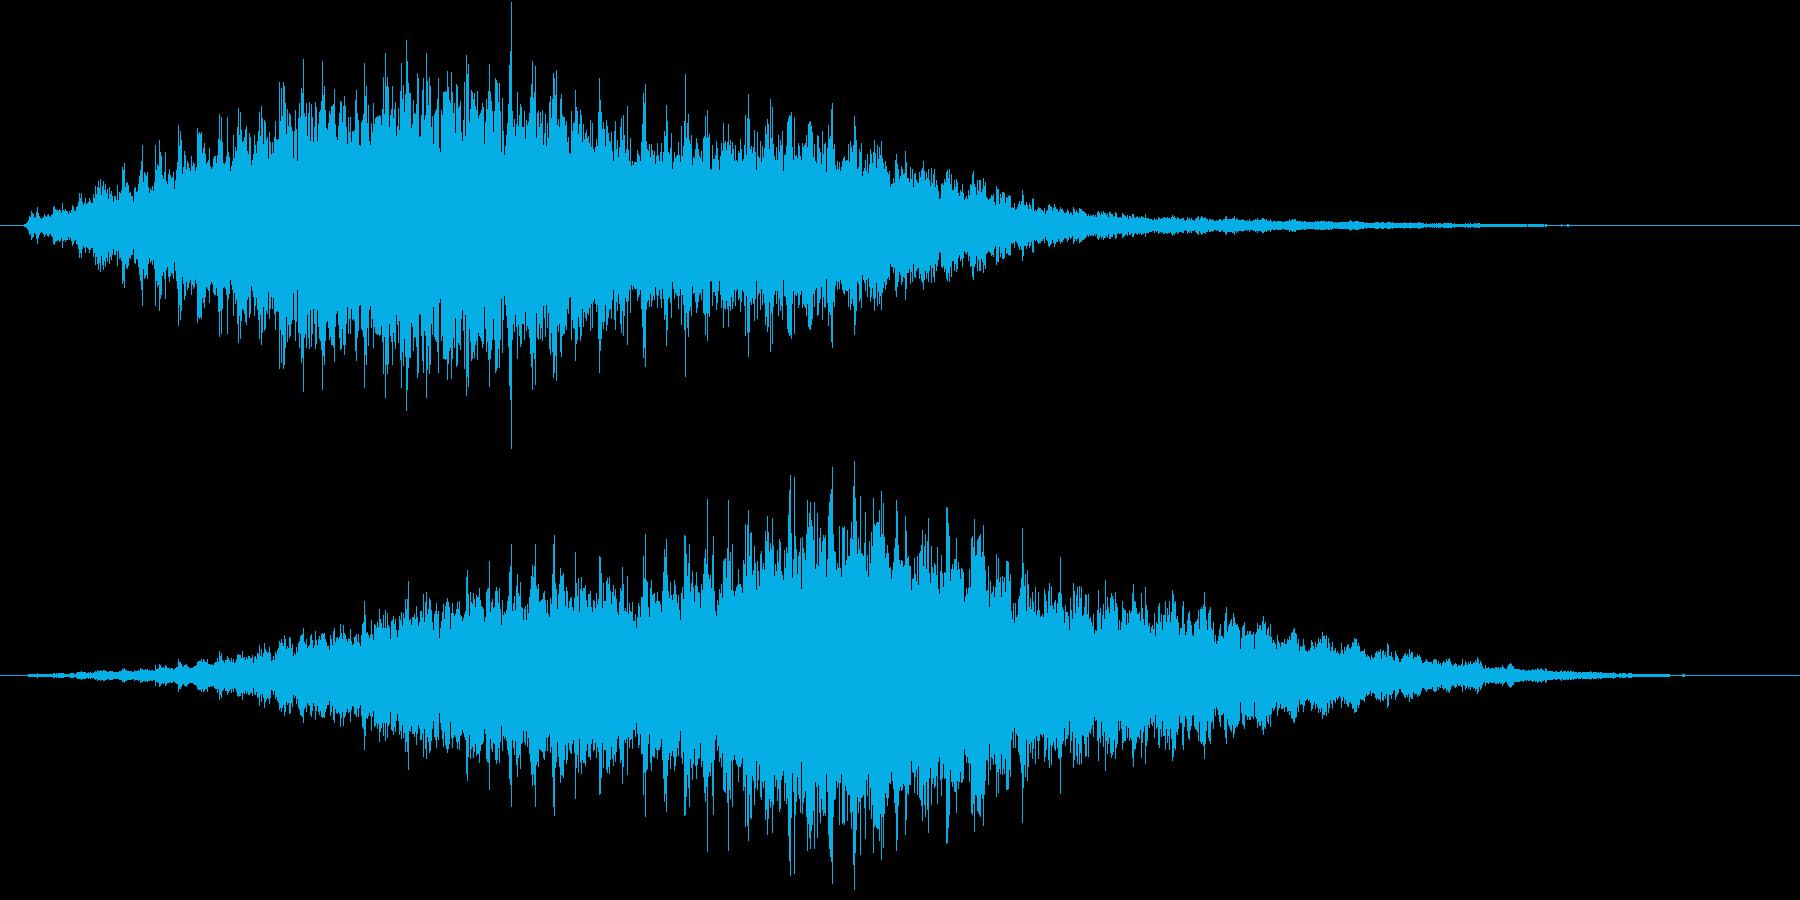 音侍SE「フルフル〜」重めな振り鈴L-Rの再生済みの波形